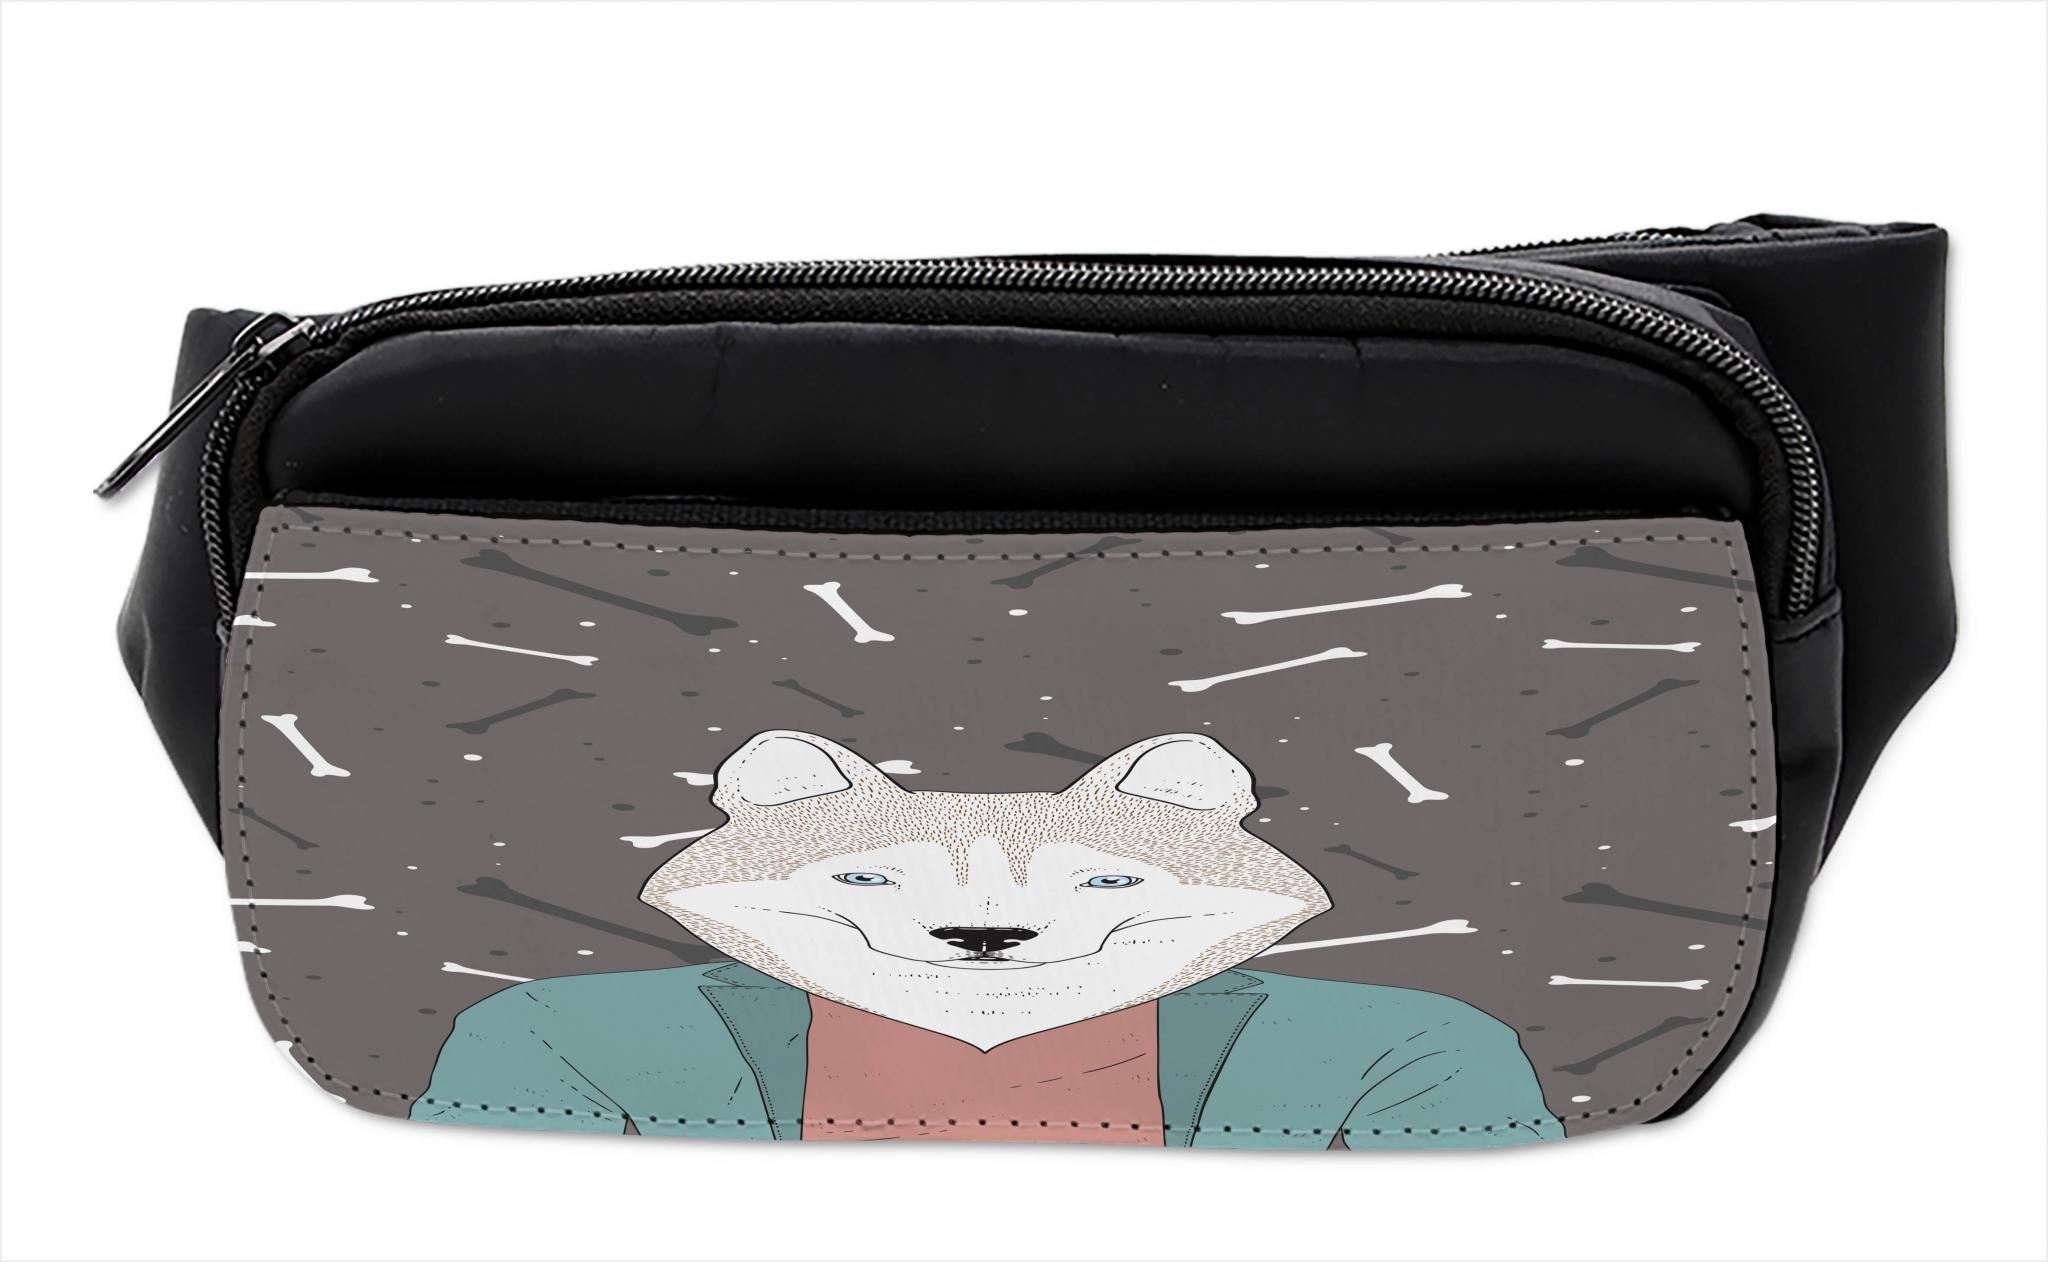 Lunarable Husky Bumbag, Hipster Dog in Blazer Jacket, Fanny Pack Hip Waist Bag by Lunarable